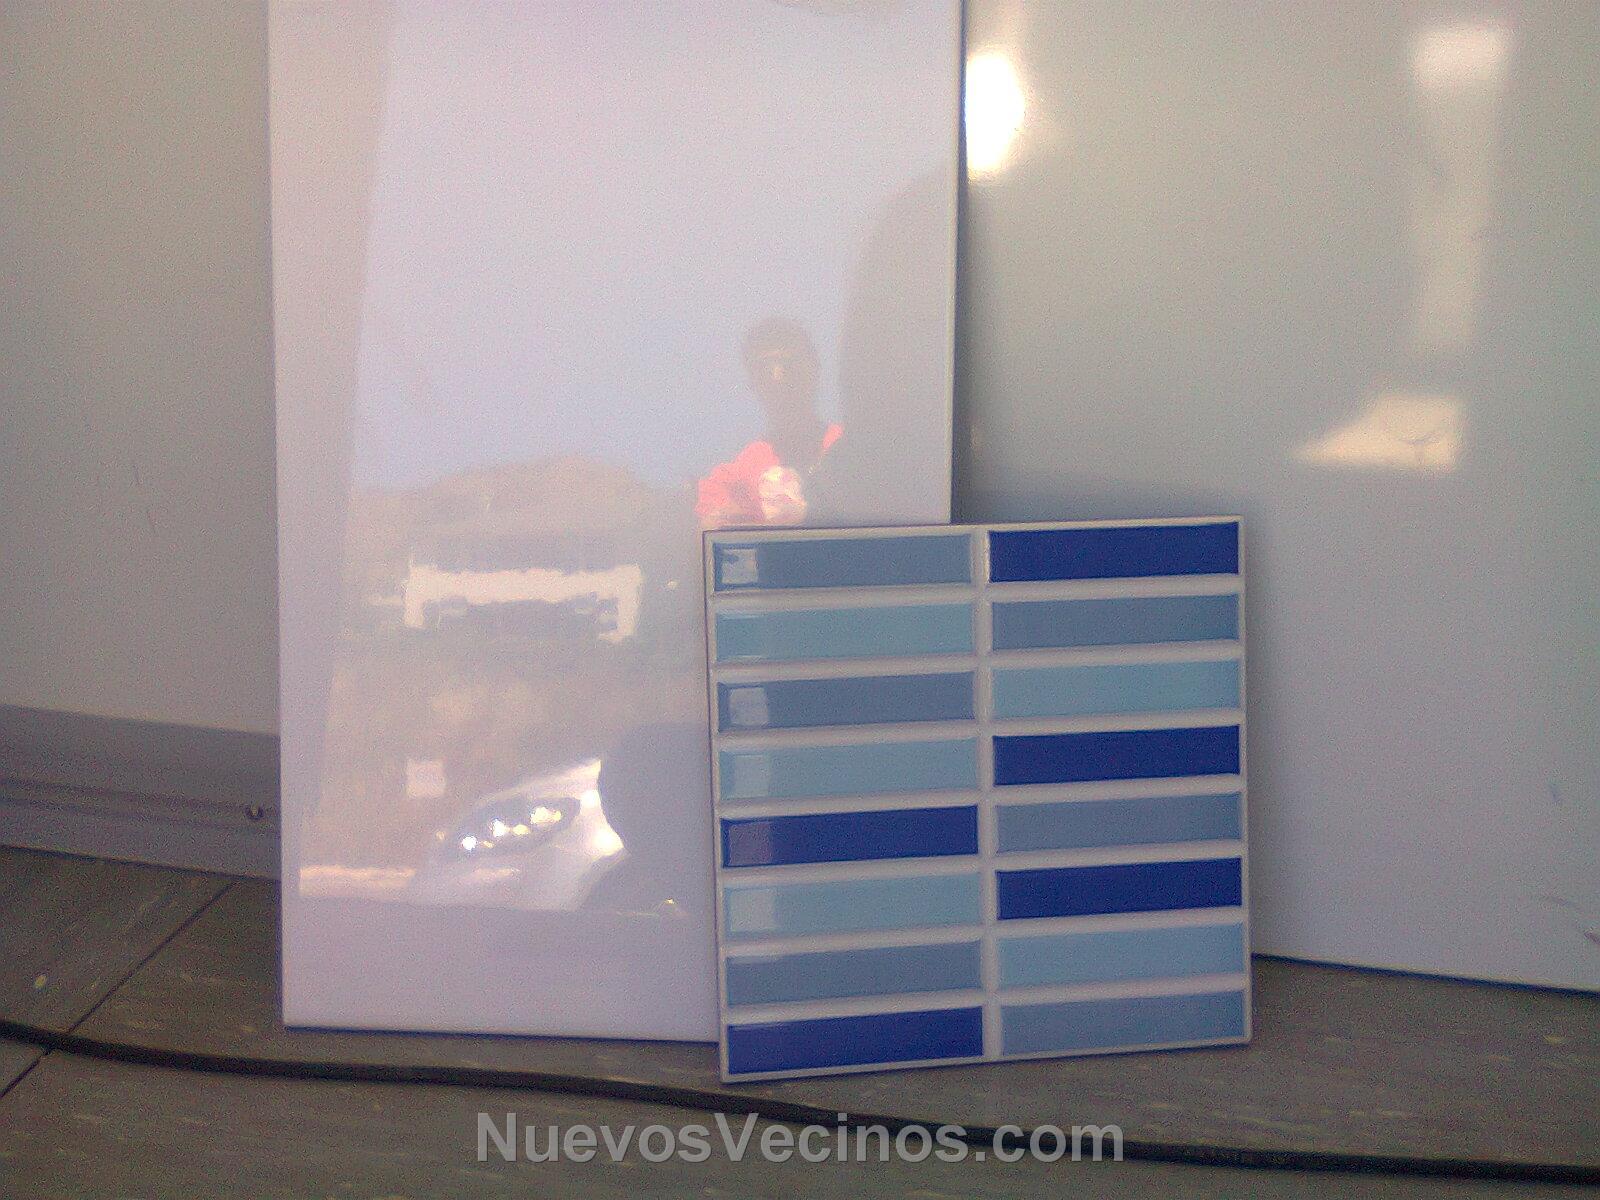 El pedroso fotos azulejos cocina y ba o - Azulejos para el bano ...